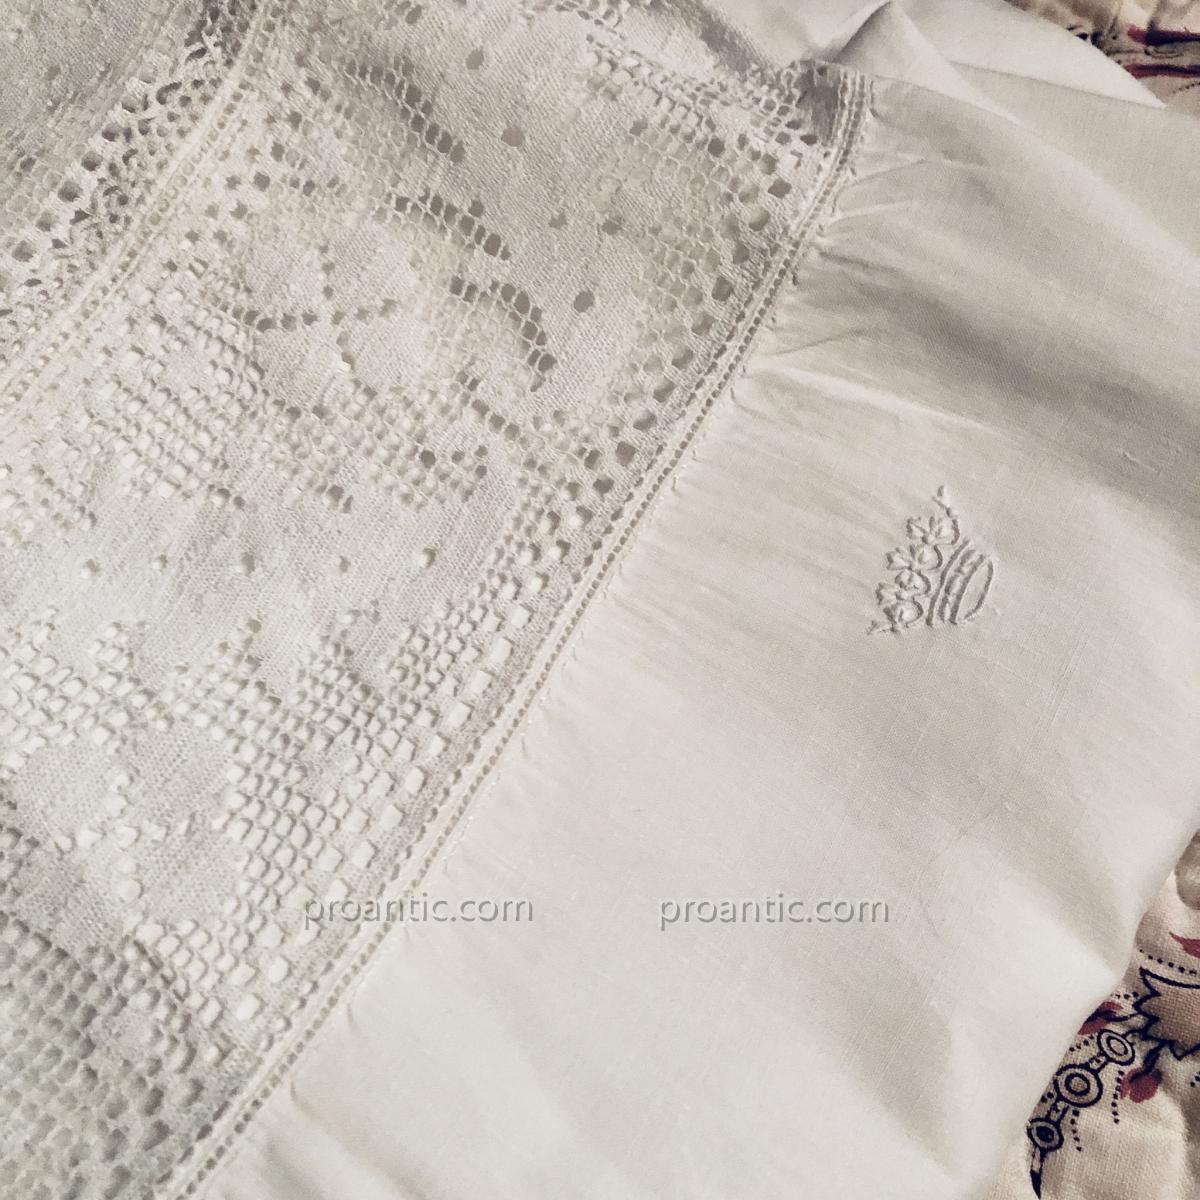 3 chemises de Dame à couronne ducale, fil de lin.-photo-2